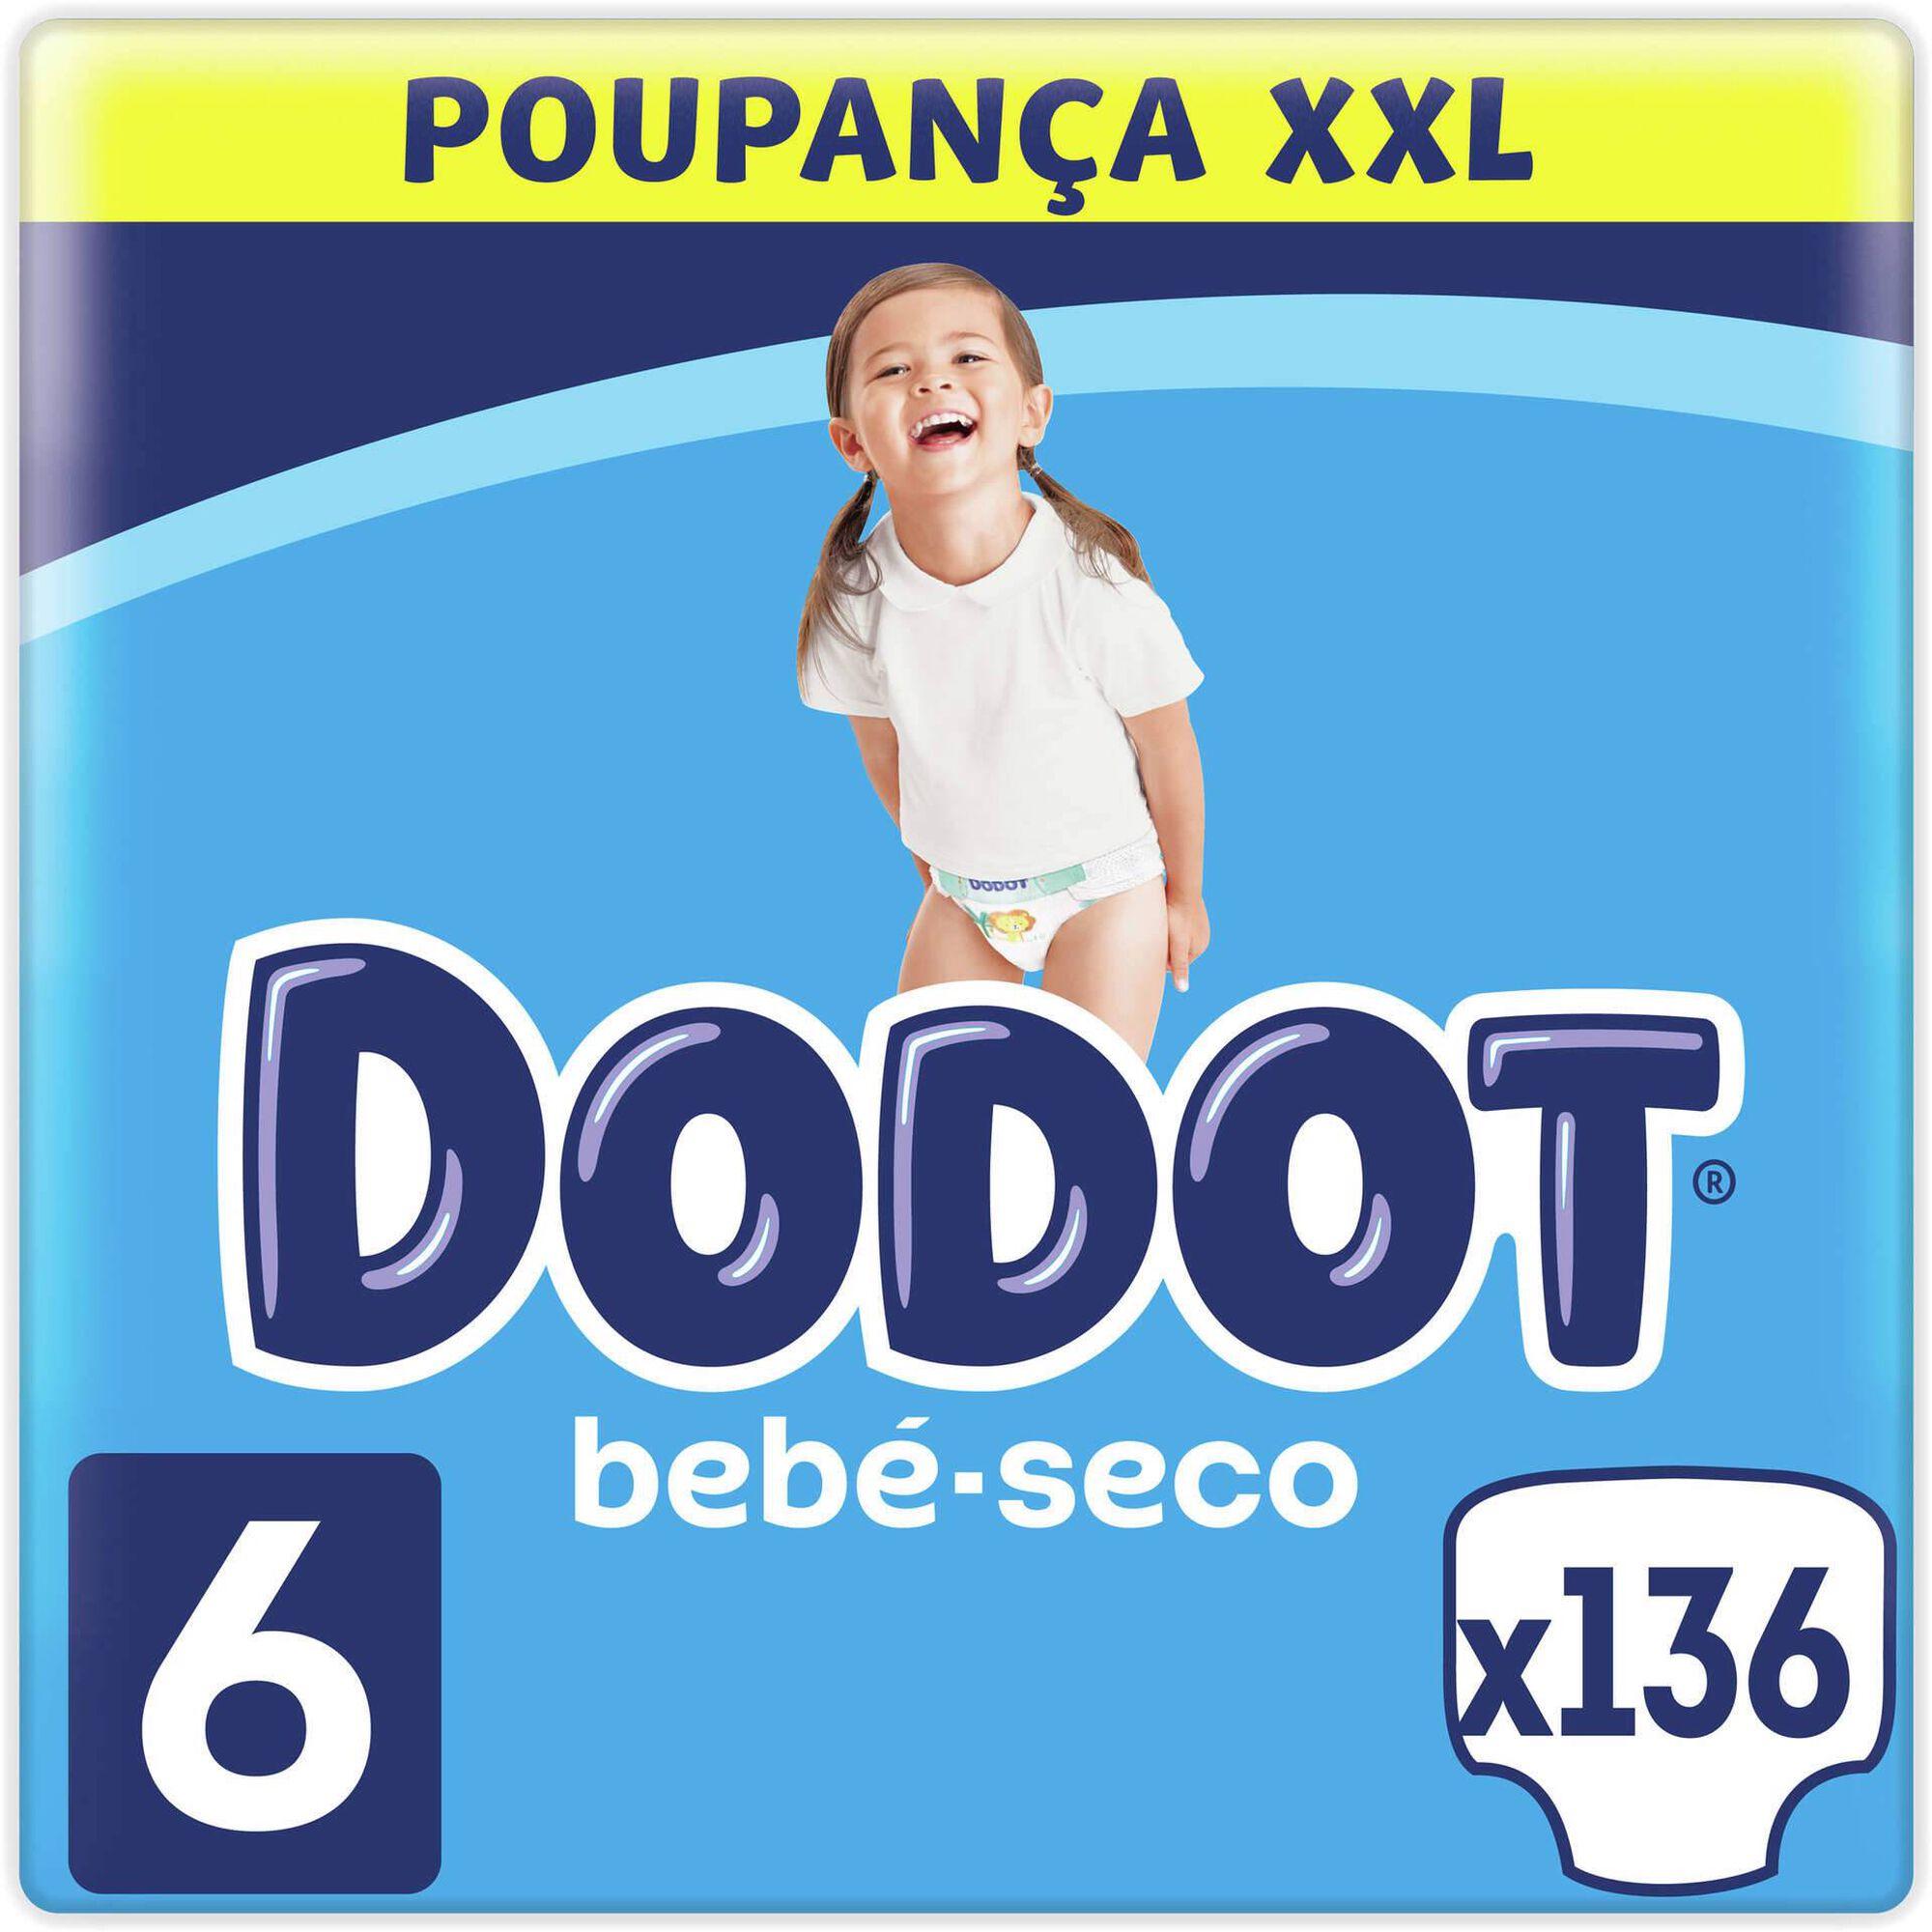 Box Fraldas Bebé Seco XXL +13kg T6, , hi-res